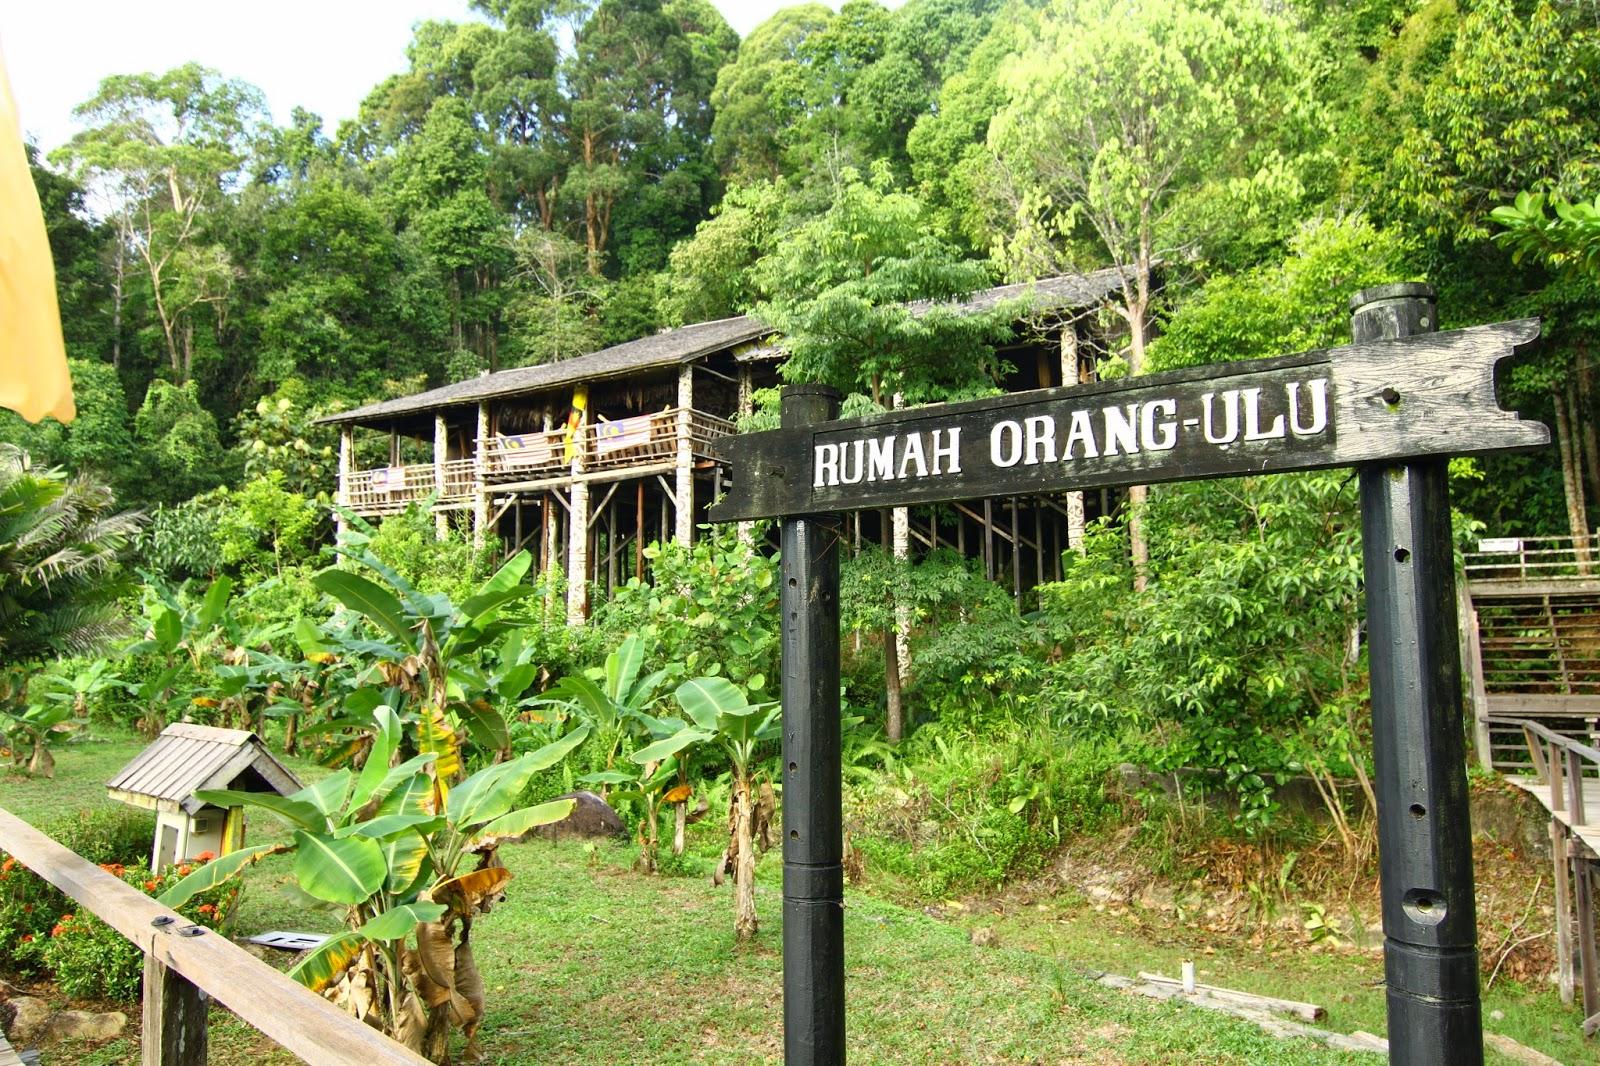 Rumah Orang Ulu Kampung Budaya Sarawak